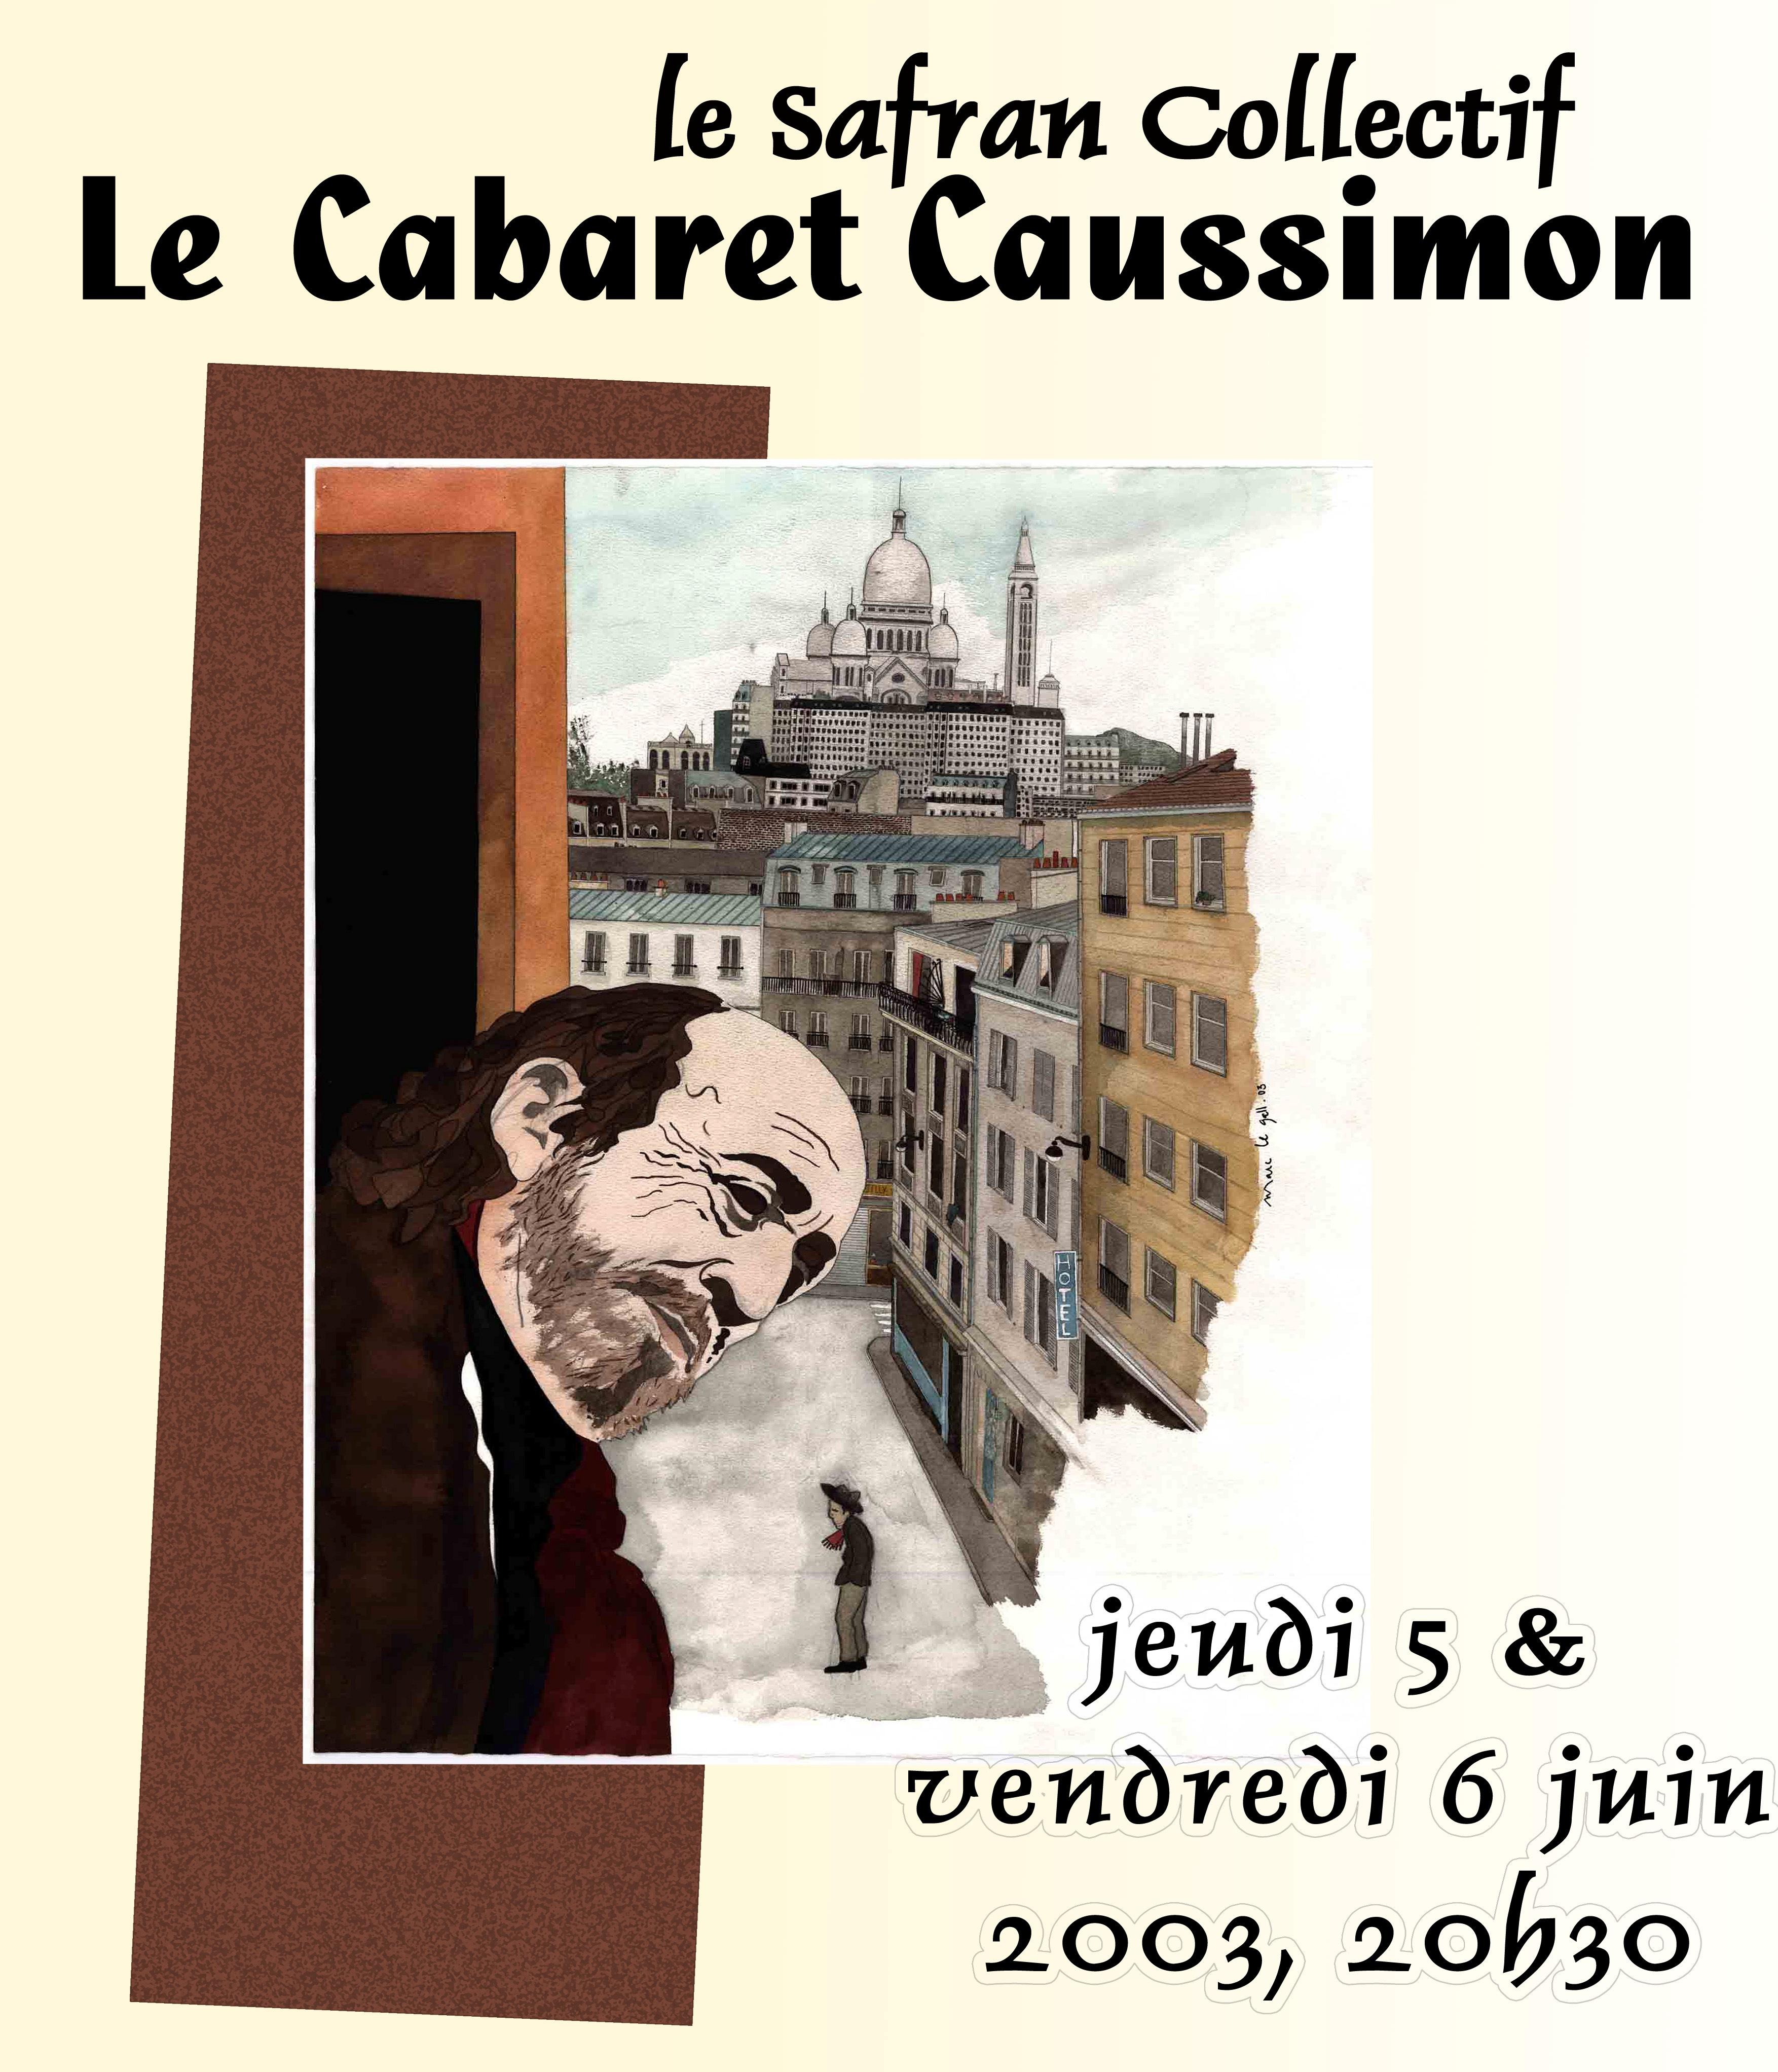 Cabaret Caussimon